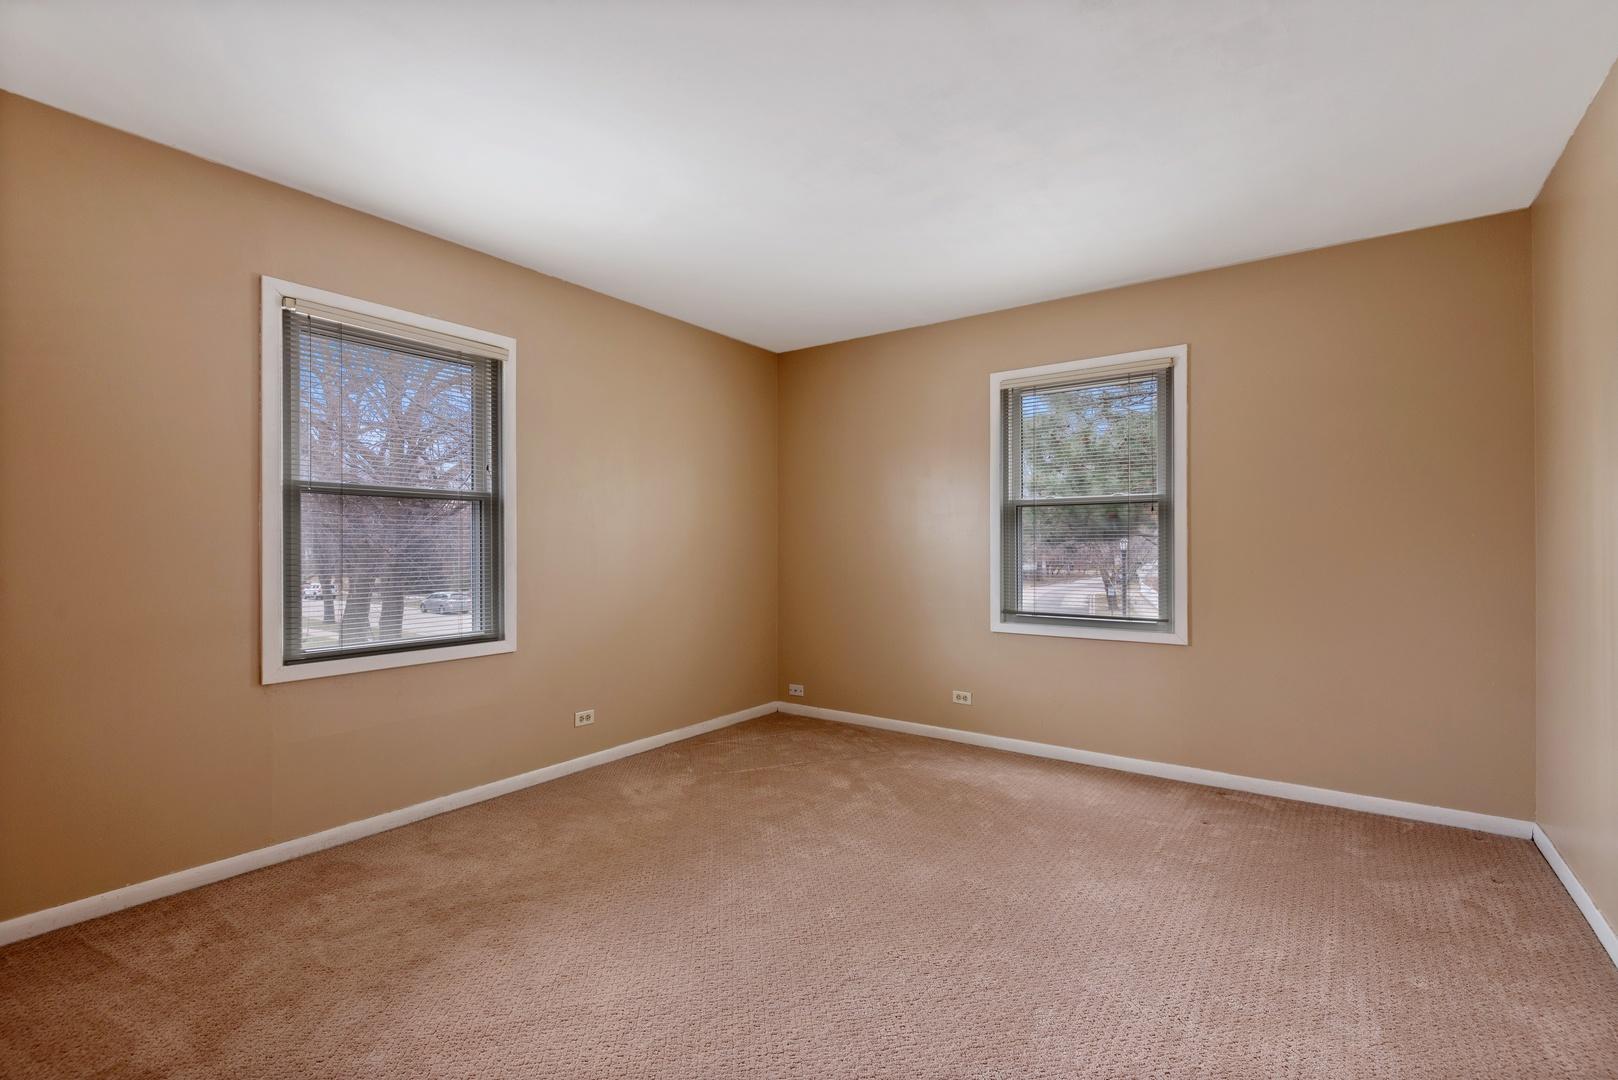 2401 Ridgeway, EVANSTON, Illinois, 60201